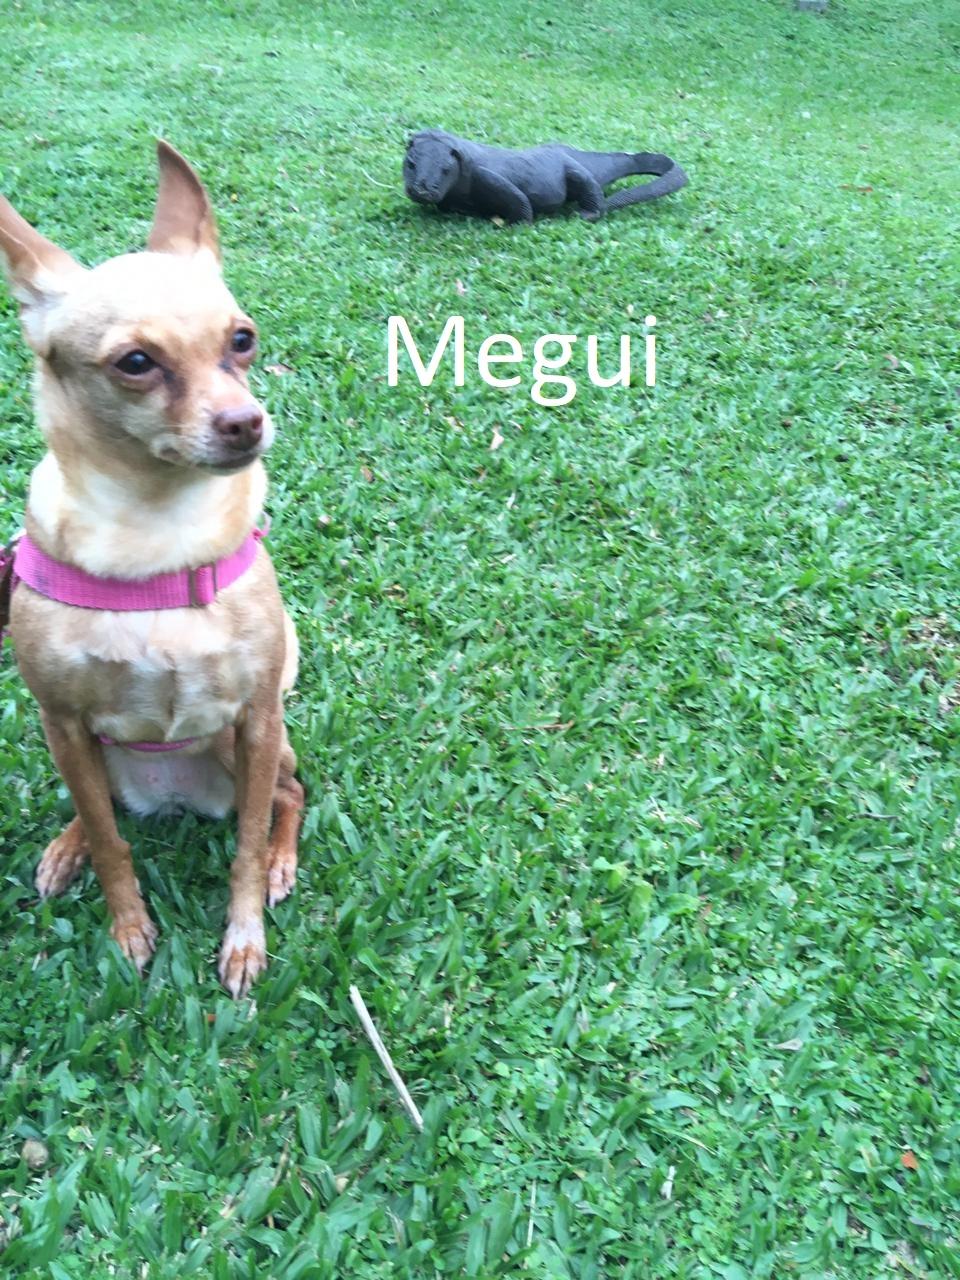 Megui